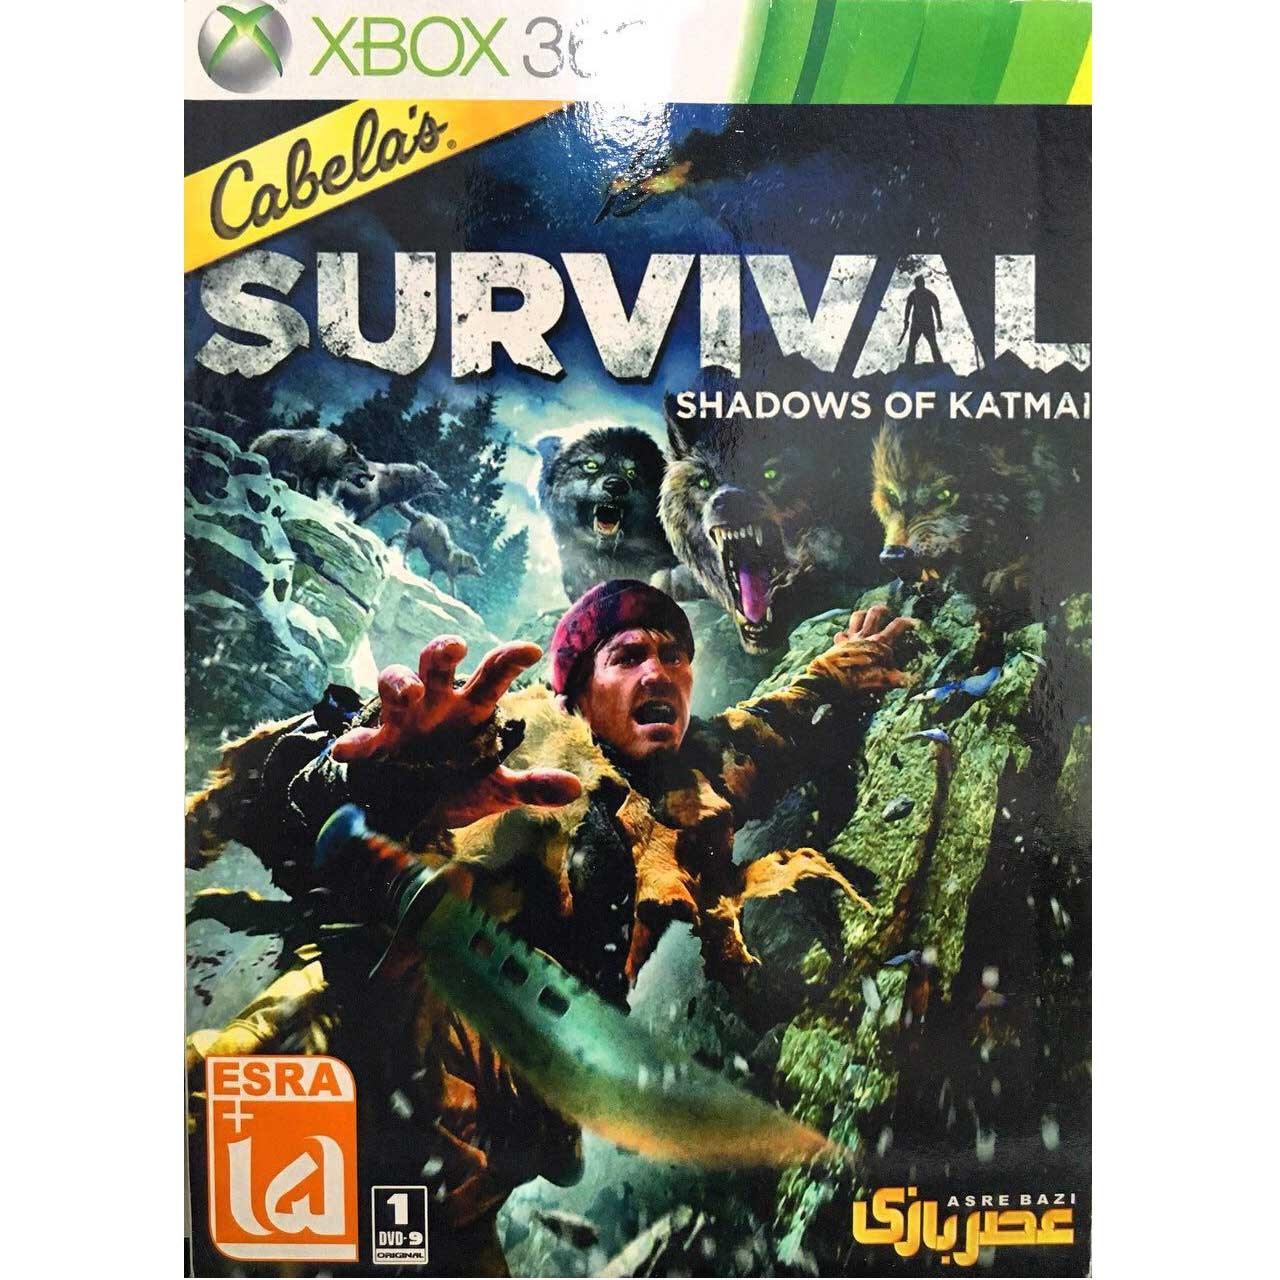 خرید اینترنتی بازی Cabela s Survival Shadows of Katmai مخصوص Xbox 360 اورجینال